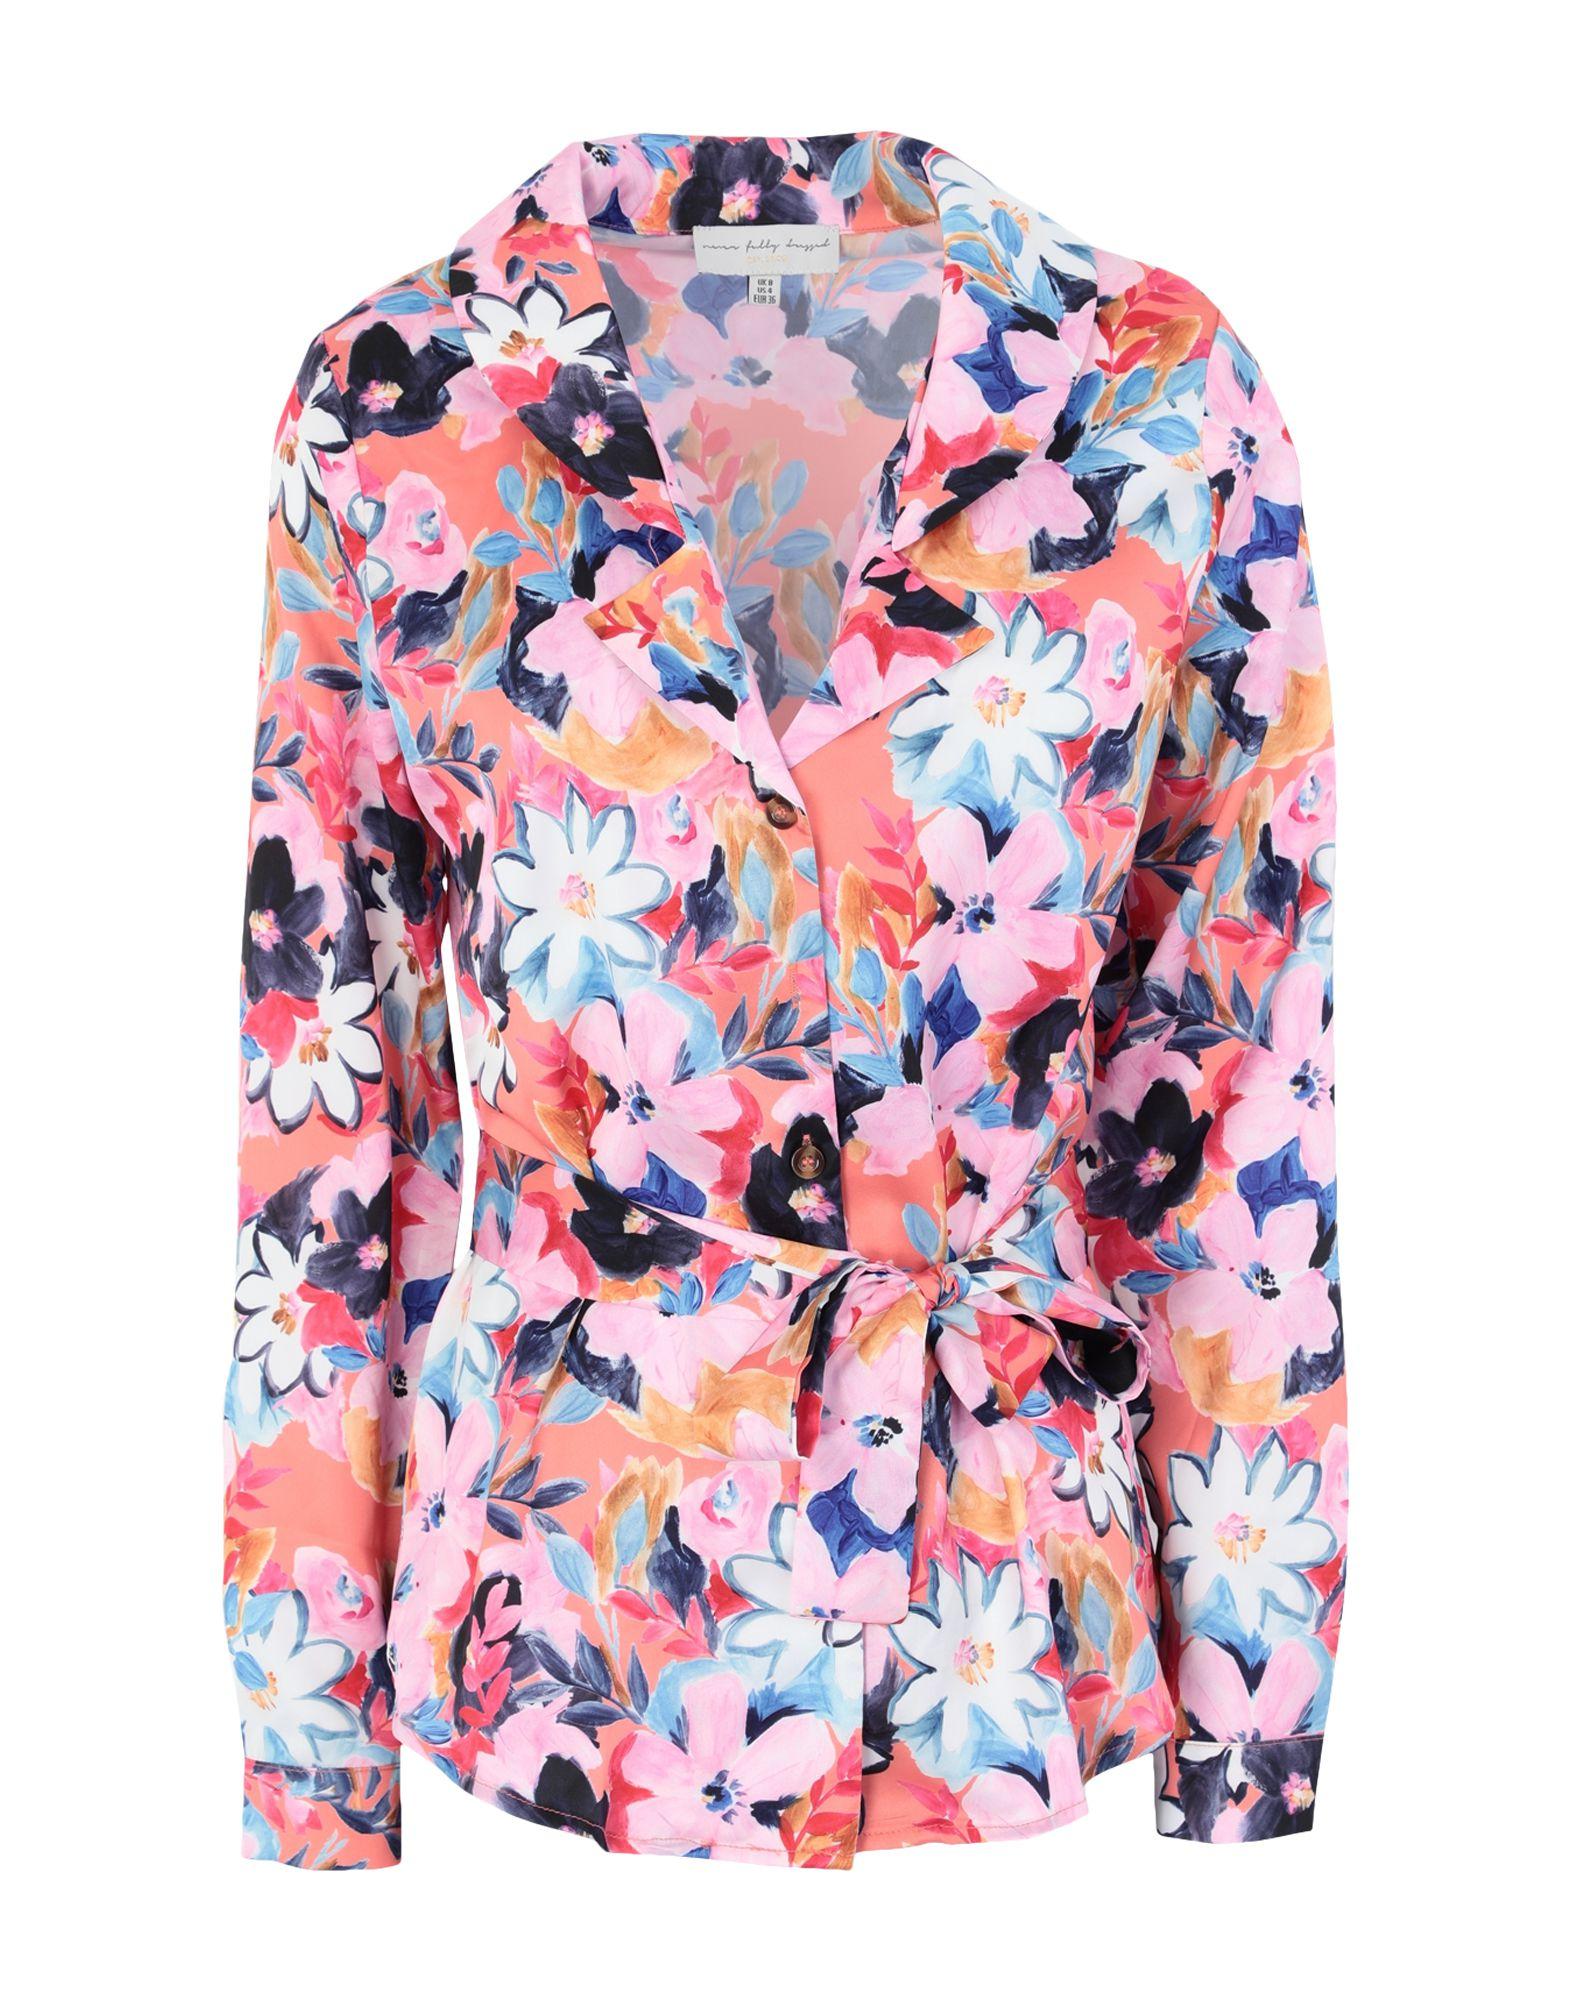 Фото - NEVER FULLY DRESSED Pубашка never fully dressed короткое платье